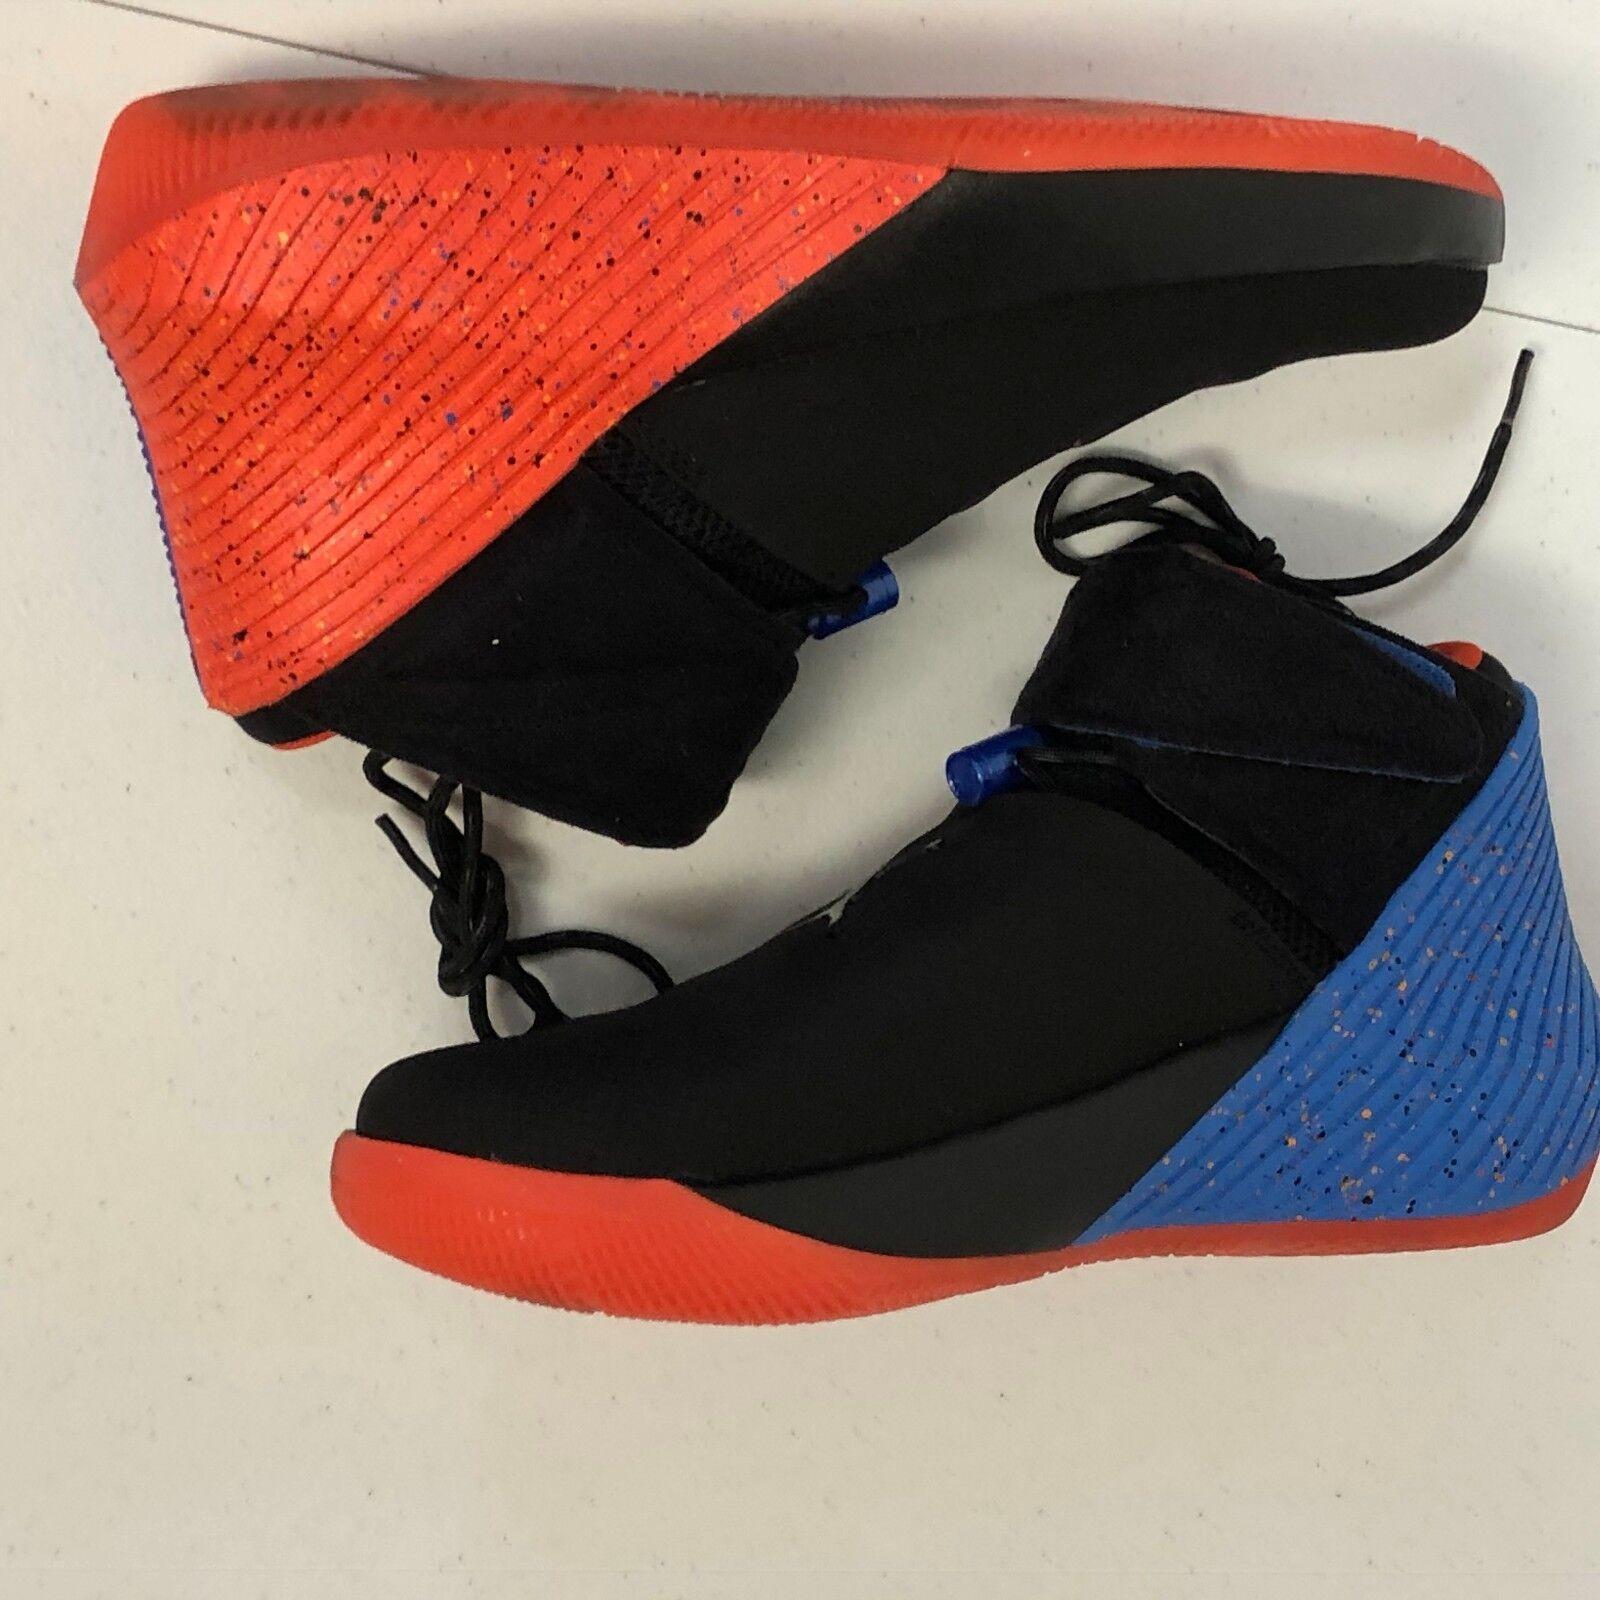 Air Jordan, por azul qué no zer0.1 aa2510-0señal azul por negro tamaño 8,5 no Box Top c576e4